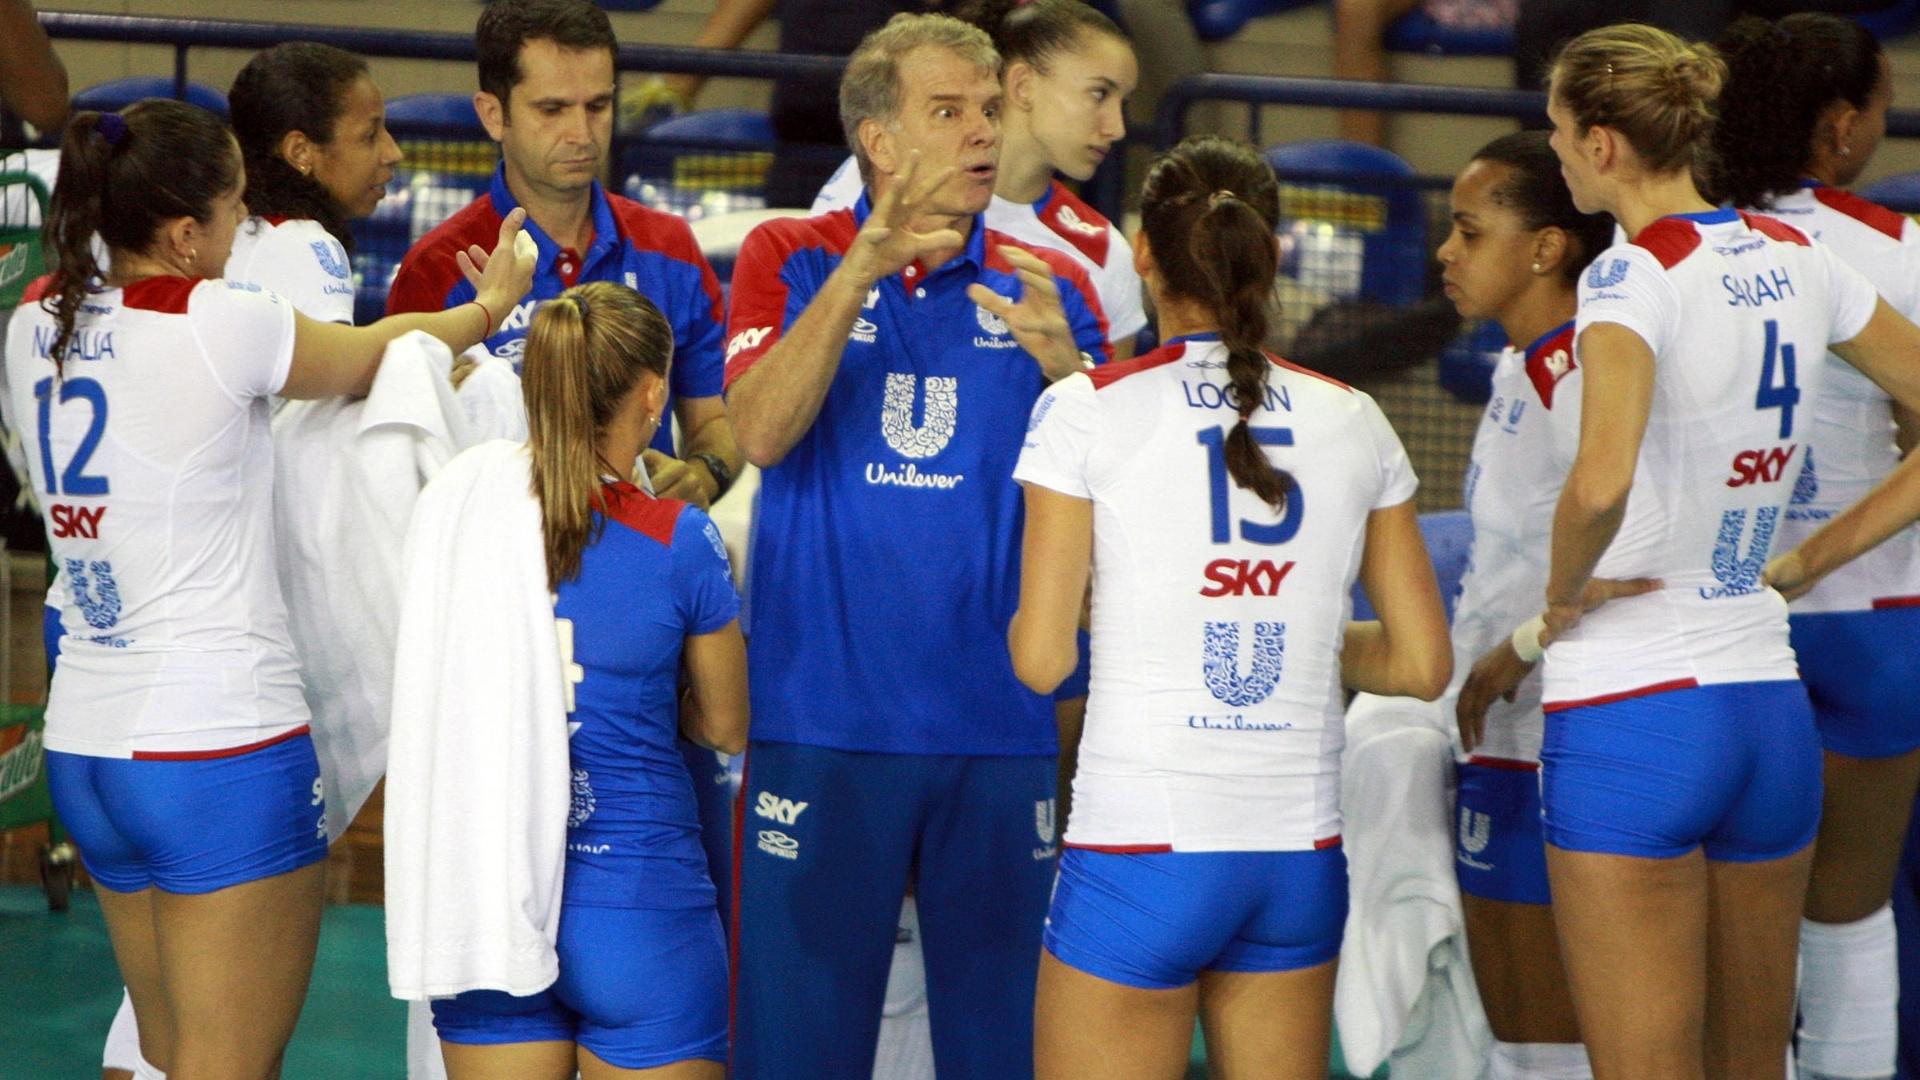 30.nov.2012 - Bernardinho, técnico da Unilever, conversa com jogadoras da Unilever durante partida contra o Pinheiros